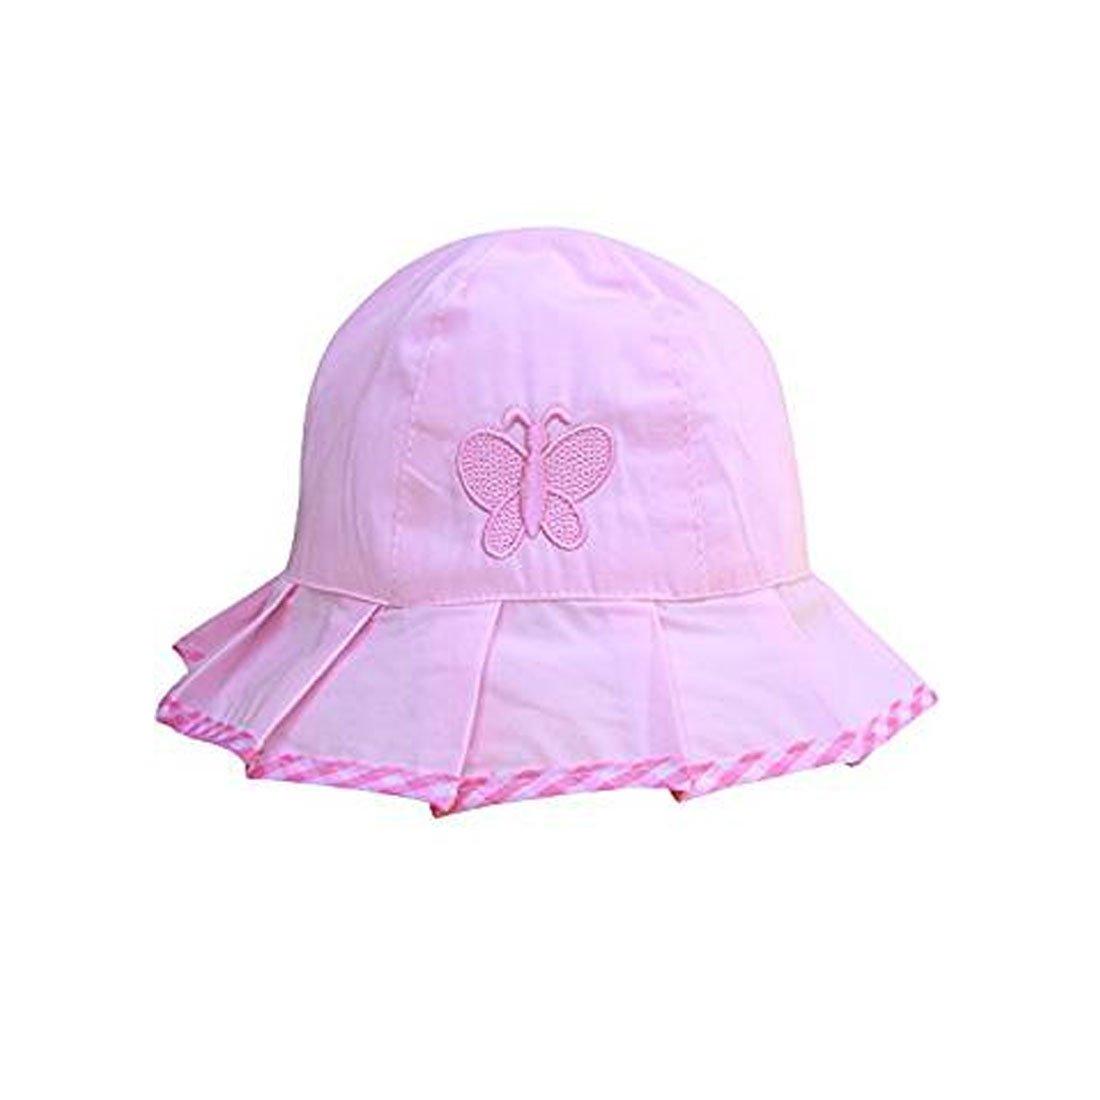 Linda de los bebés Niños rayas y mariposas Sun del verano del sombrero del capo Edad bordado 3-24 Meses - Rosado Simply Gorgeous